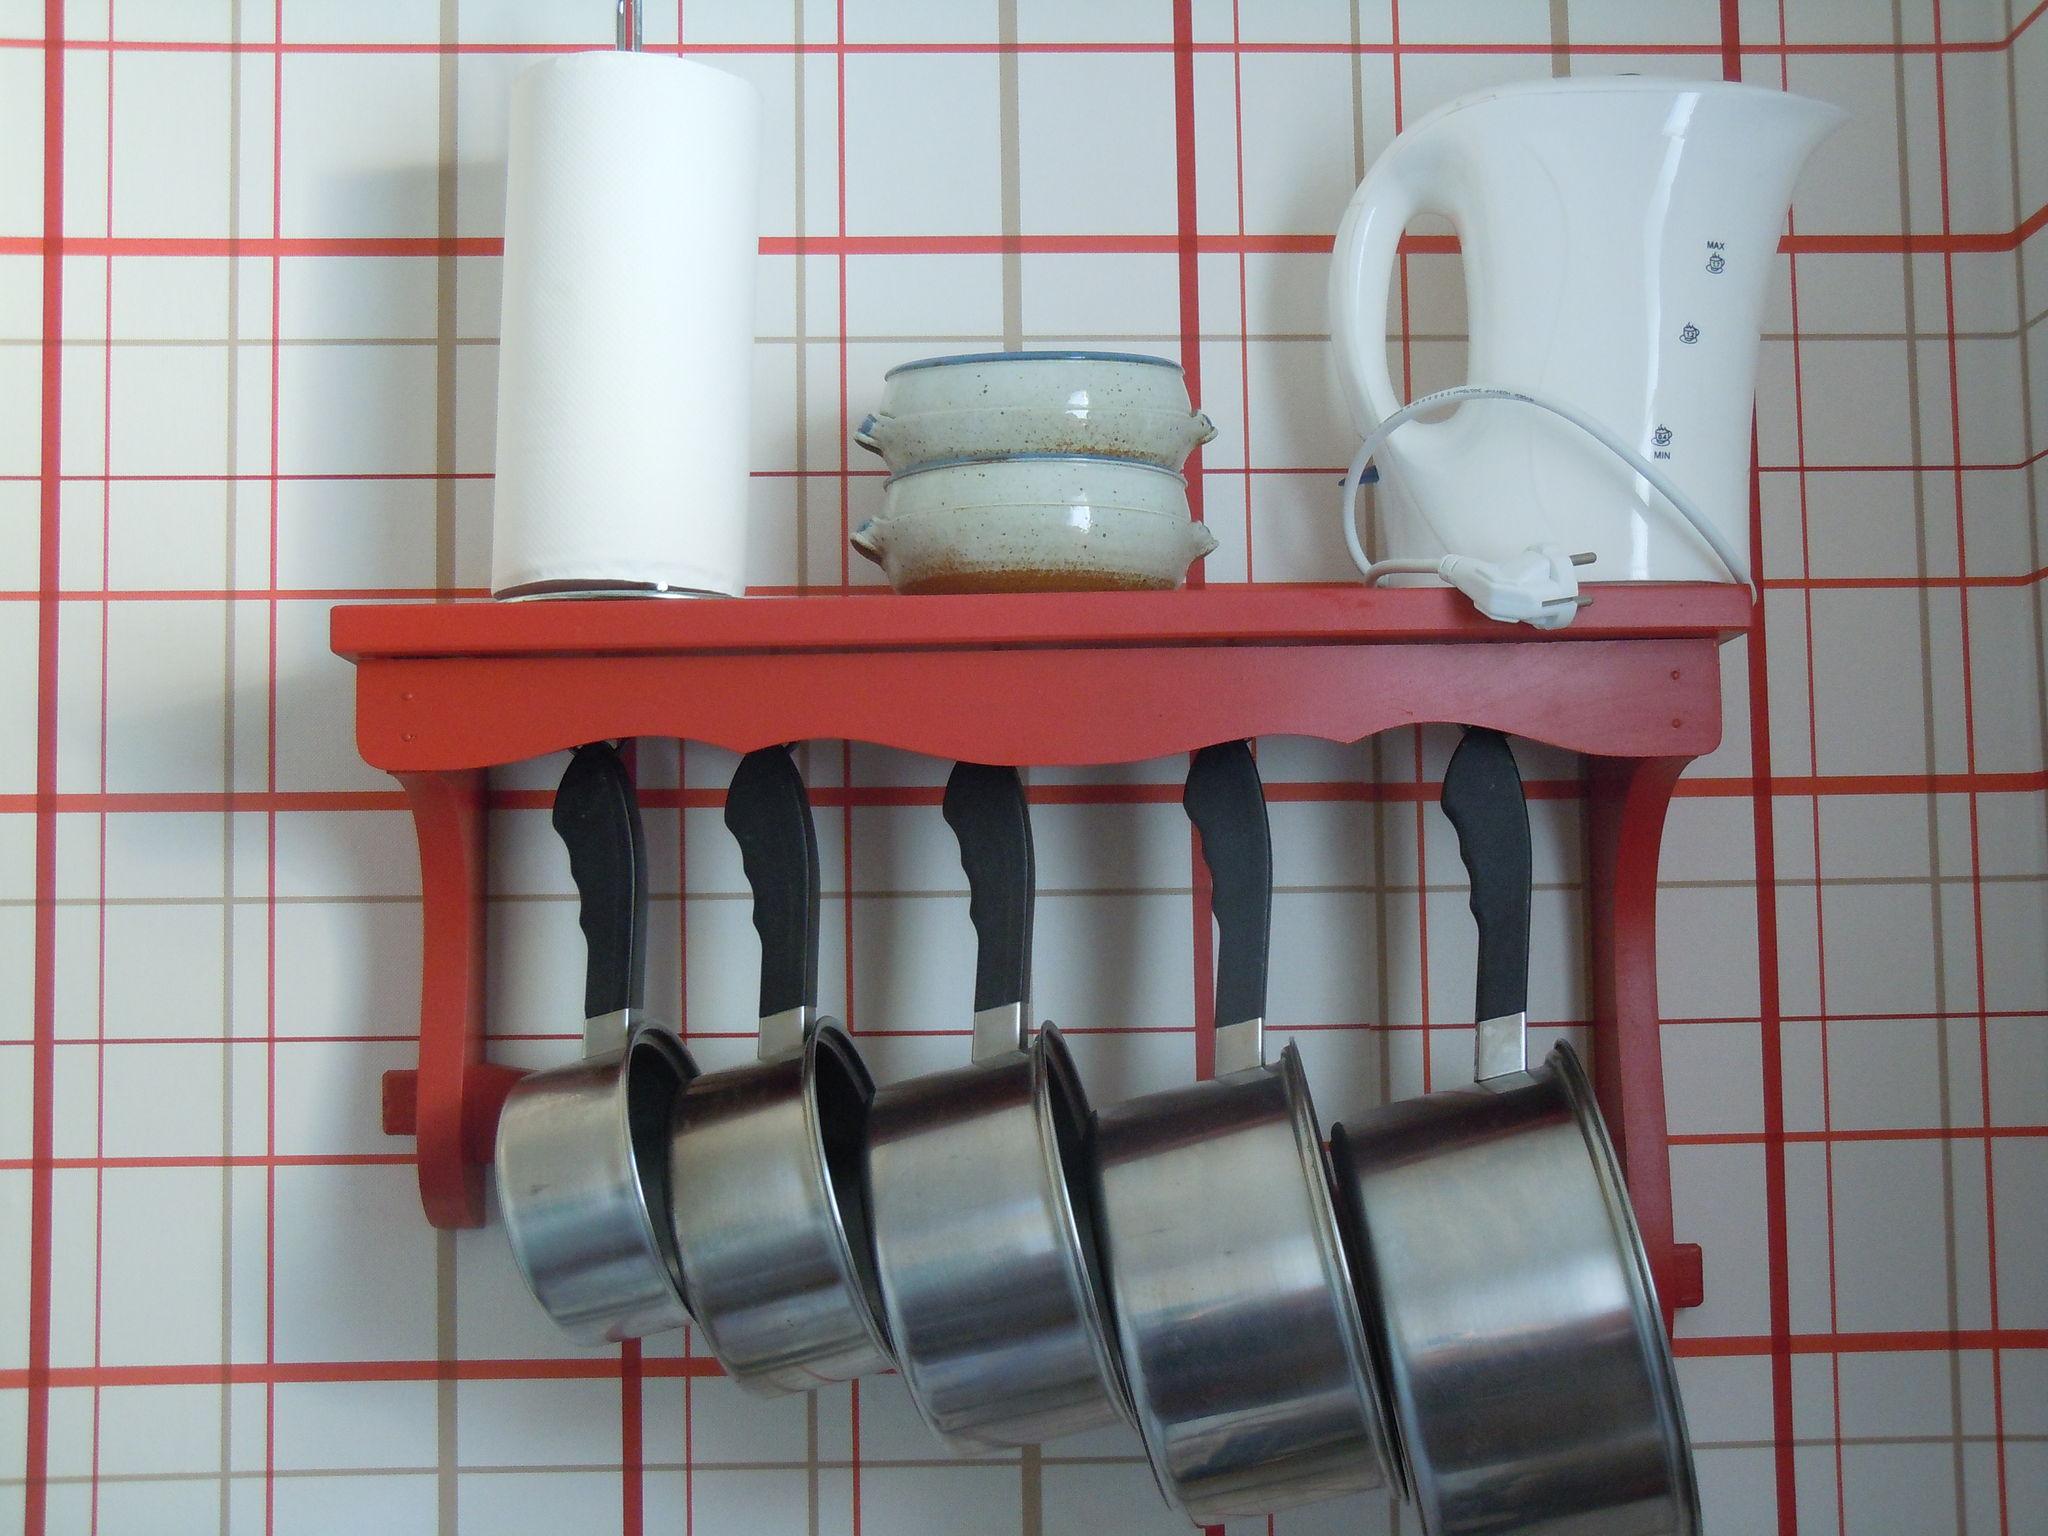 Une nouvelle cuisine carton et chiffons for Porte casseroles